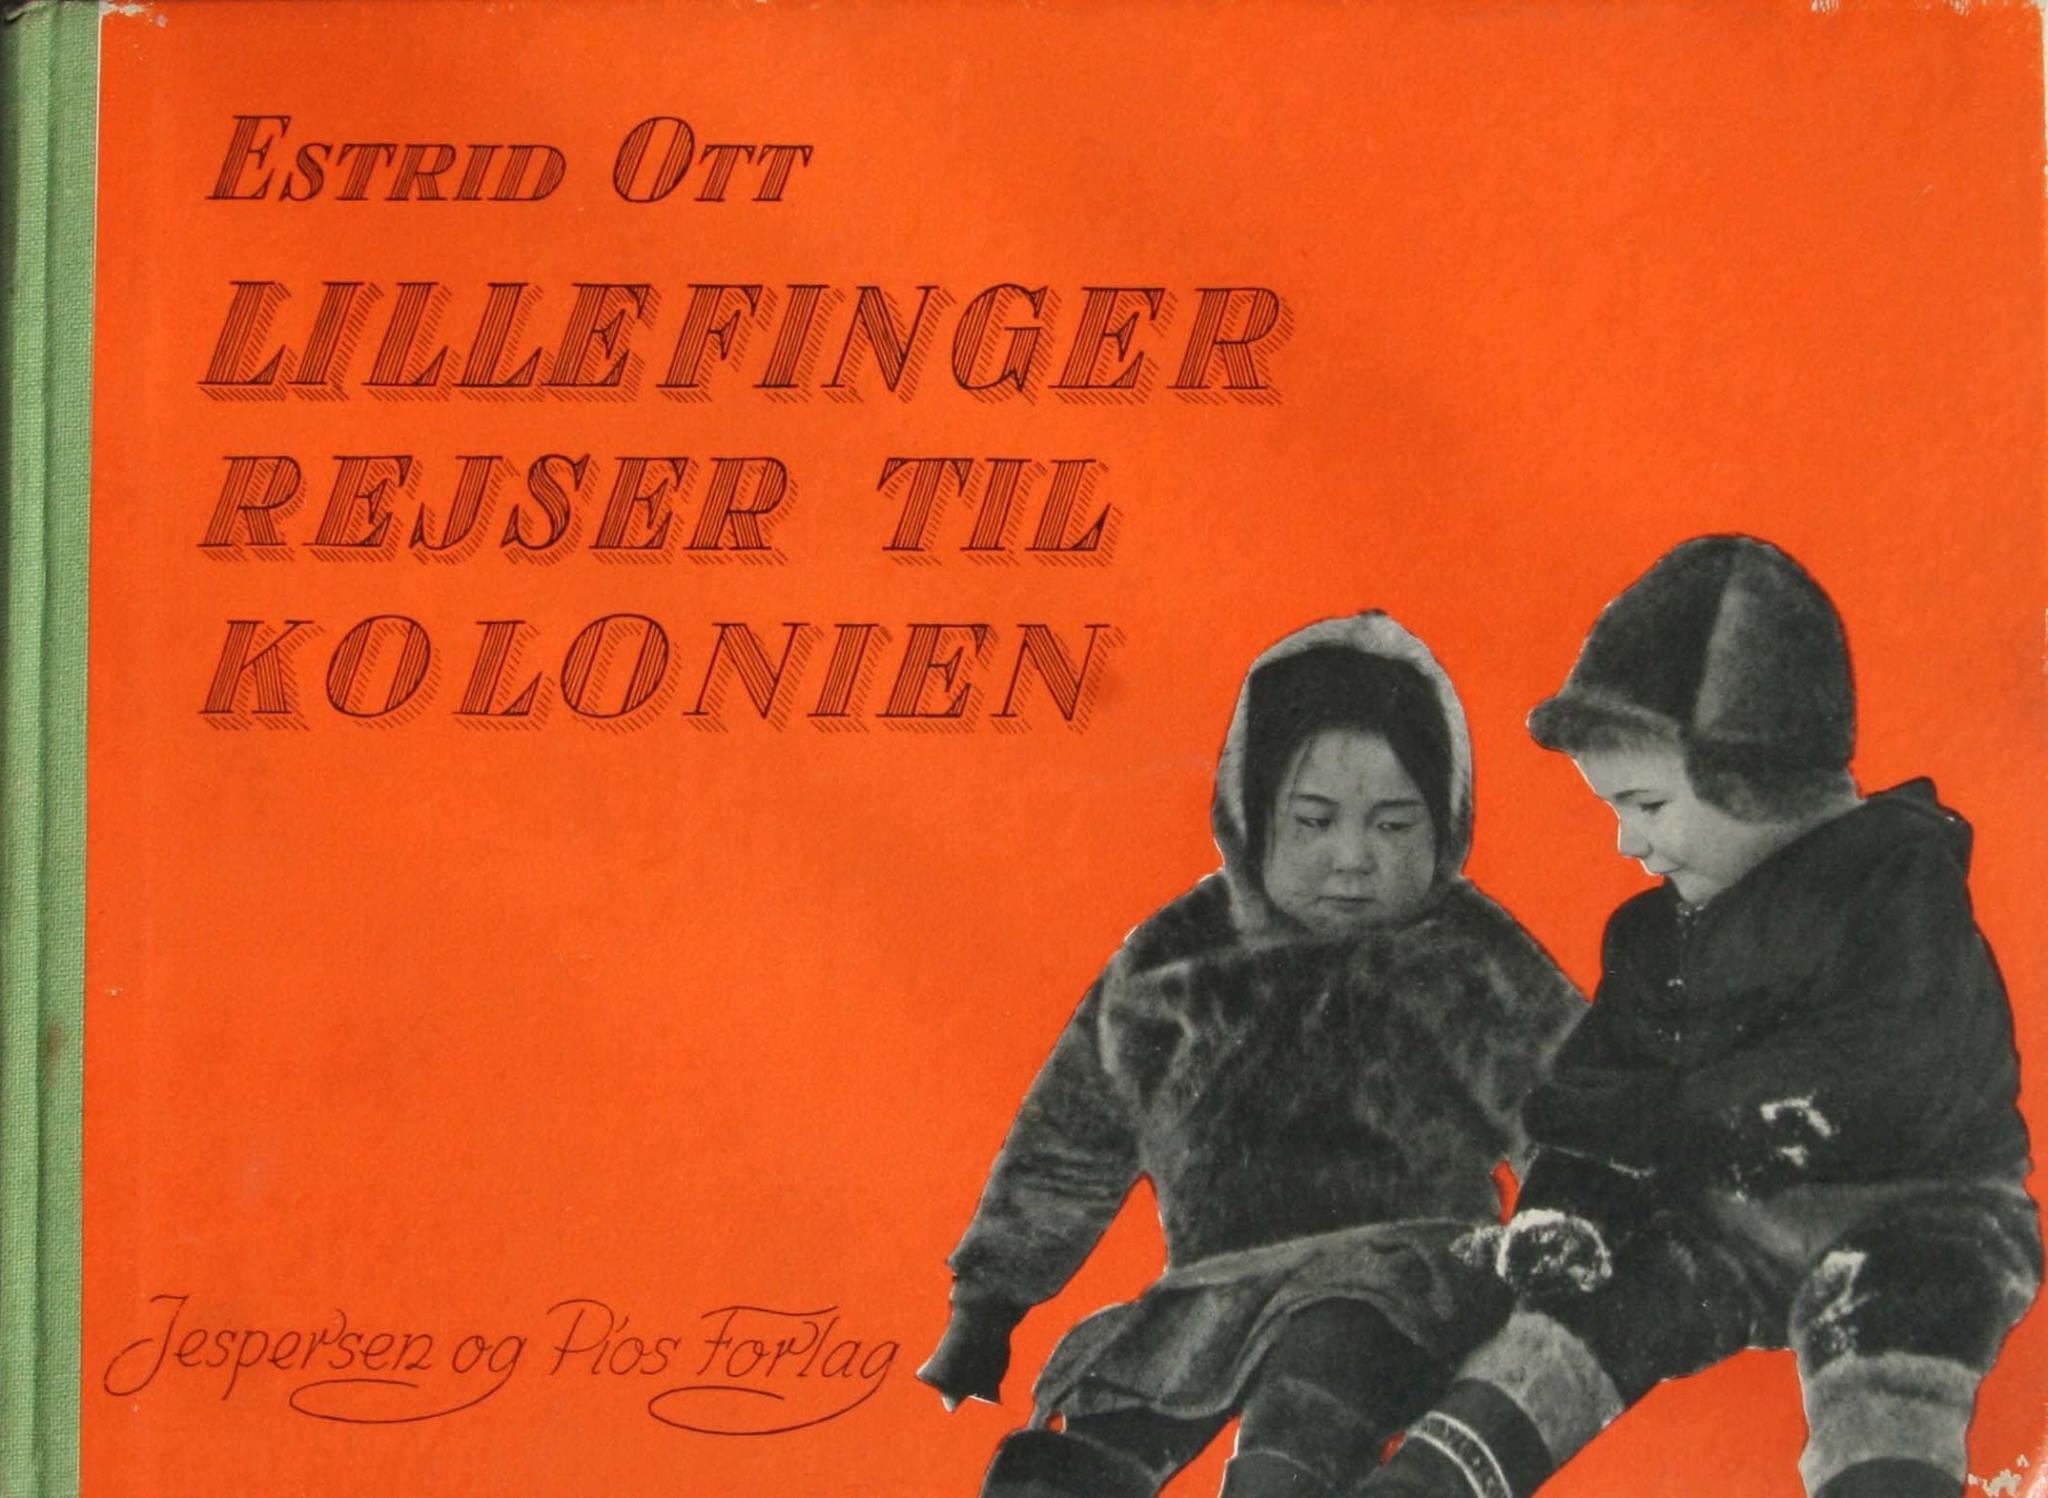 Estrid Ott Lillefinger rejser til Kolonien billedbog